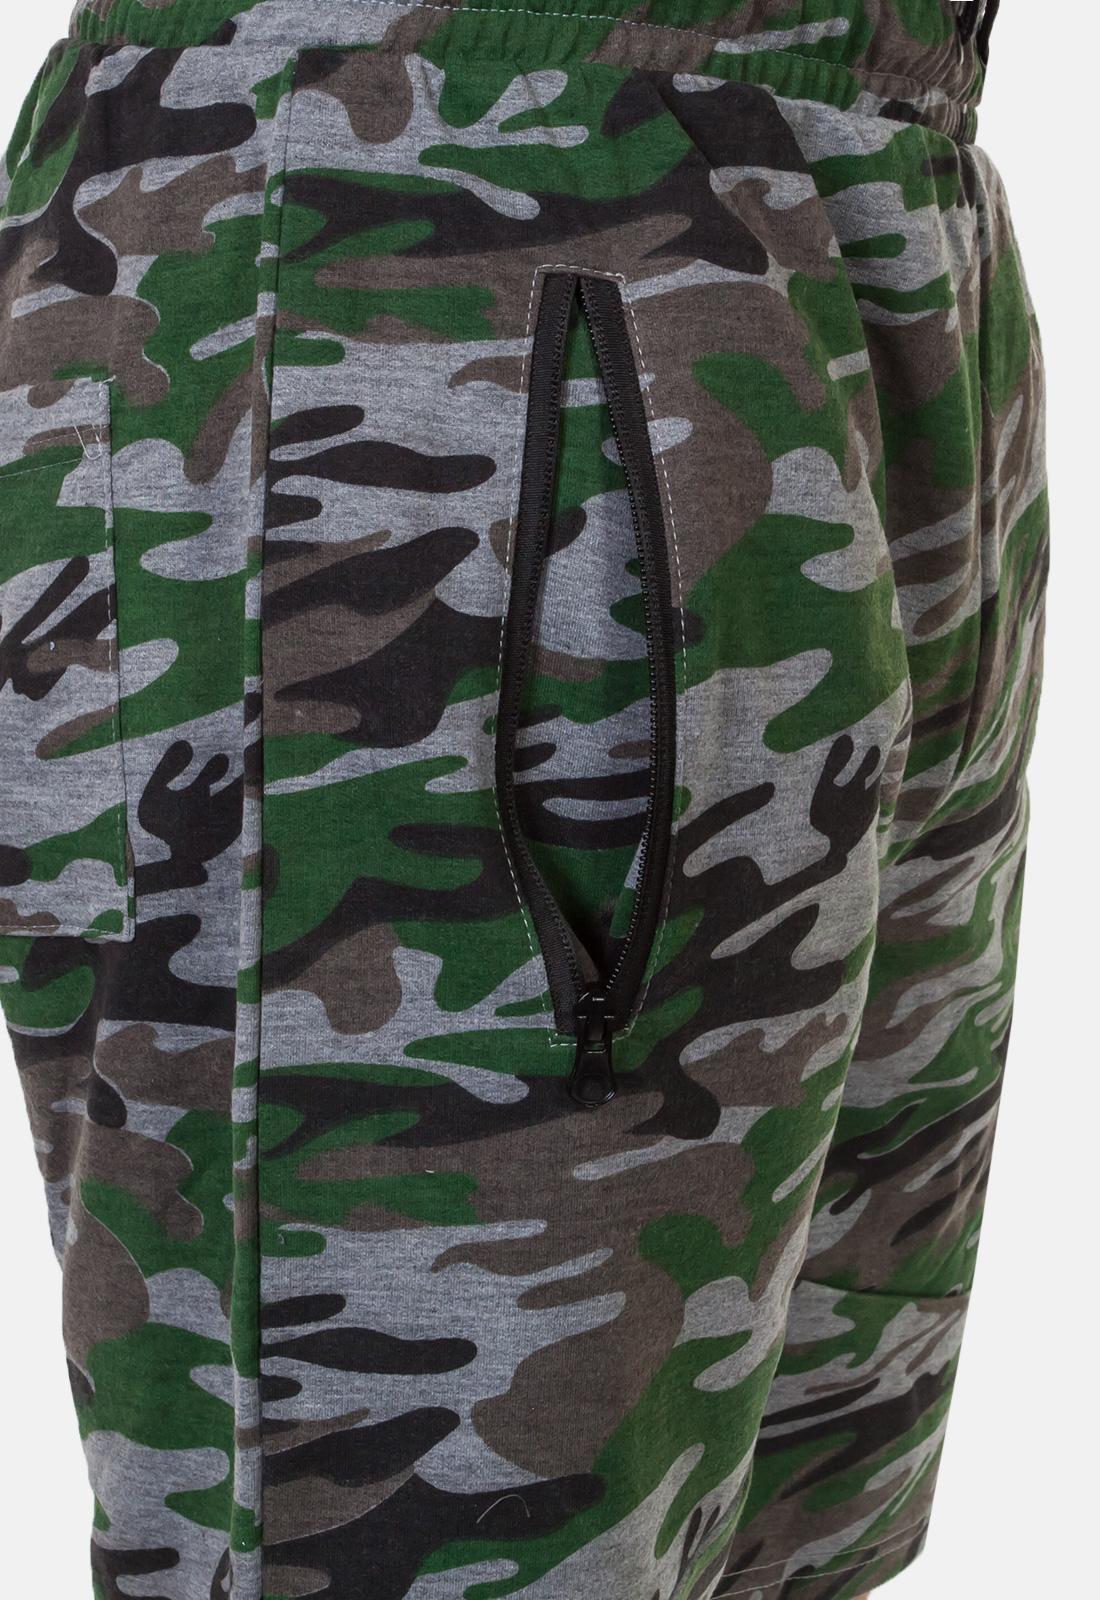 Камуфлированные стильные шорты с нашивкой СССР - купить по низкой цене